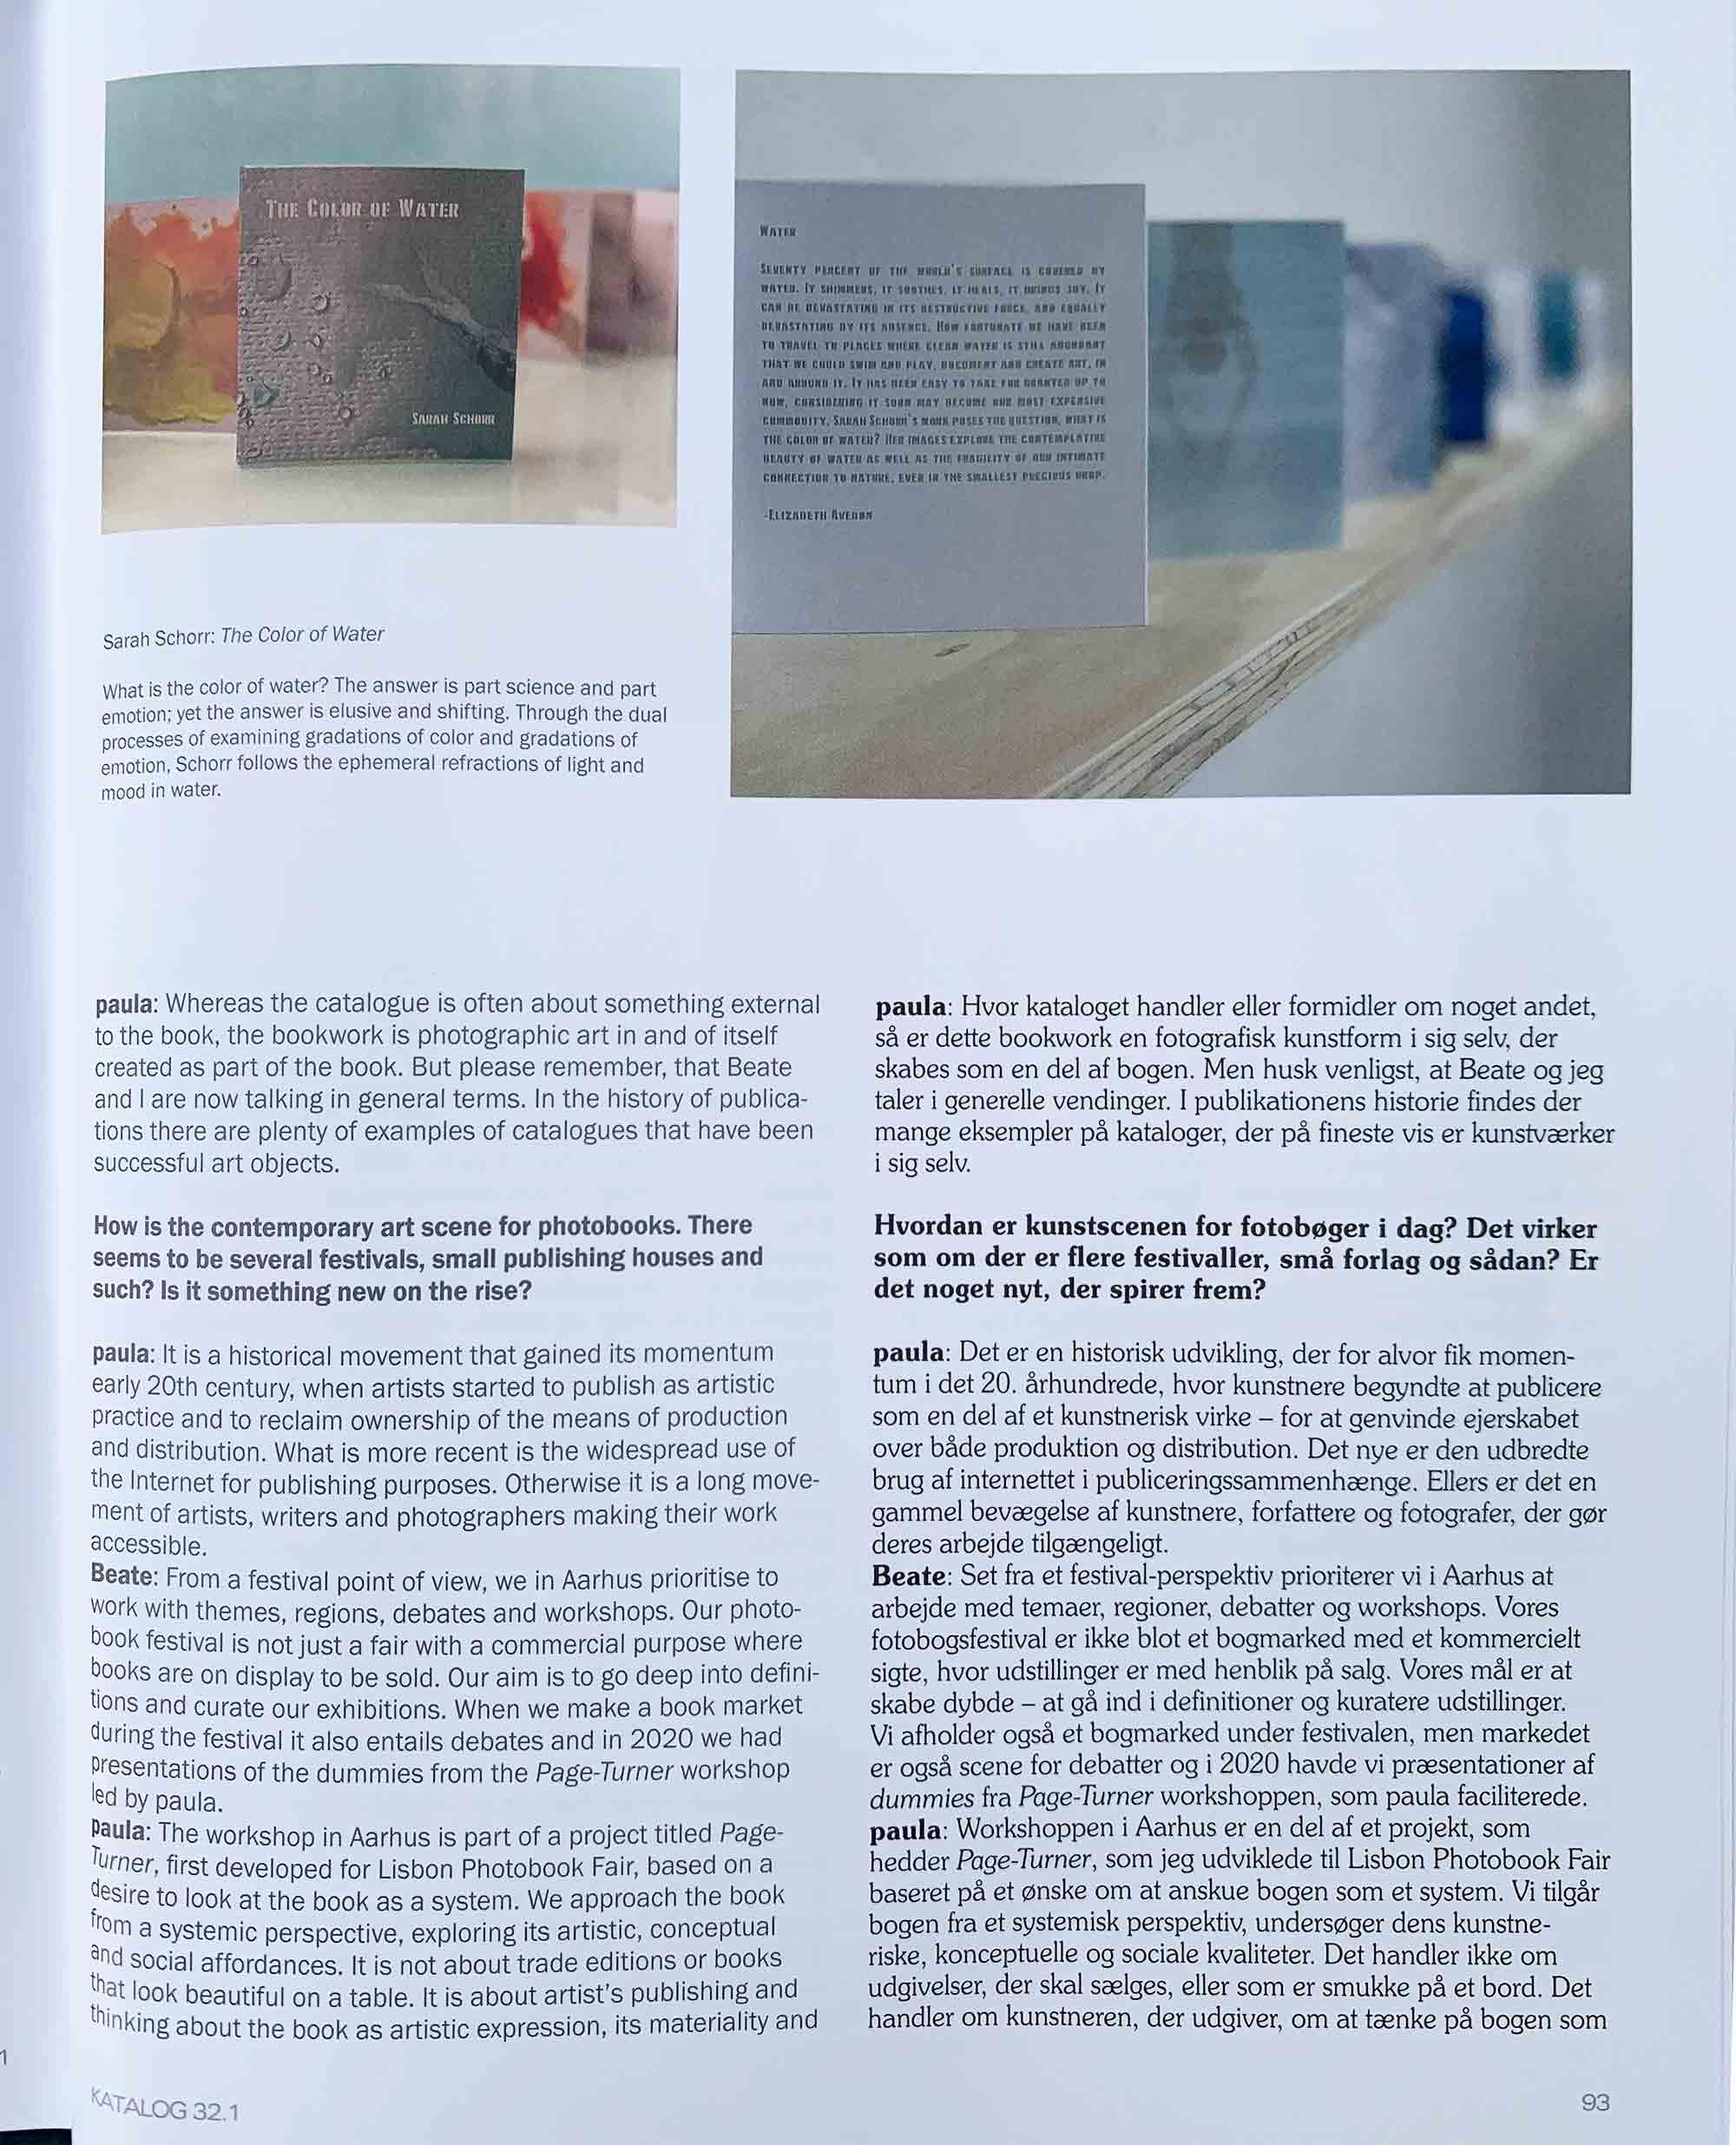 page-turner-photobook-katalog-3